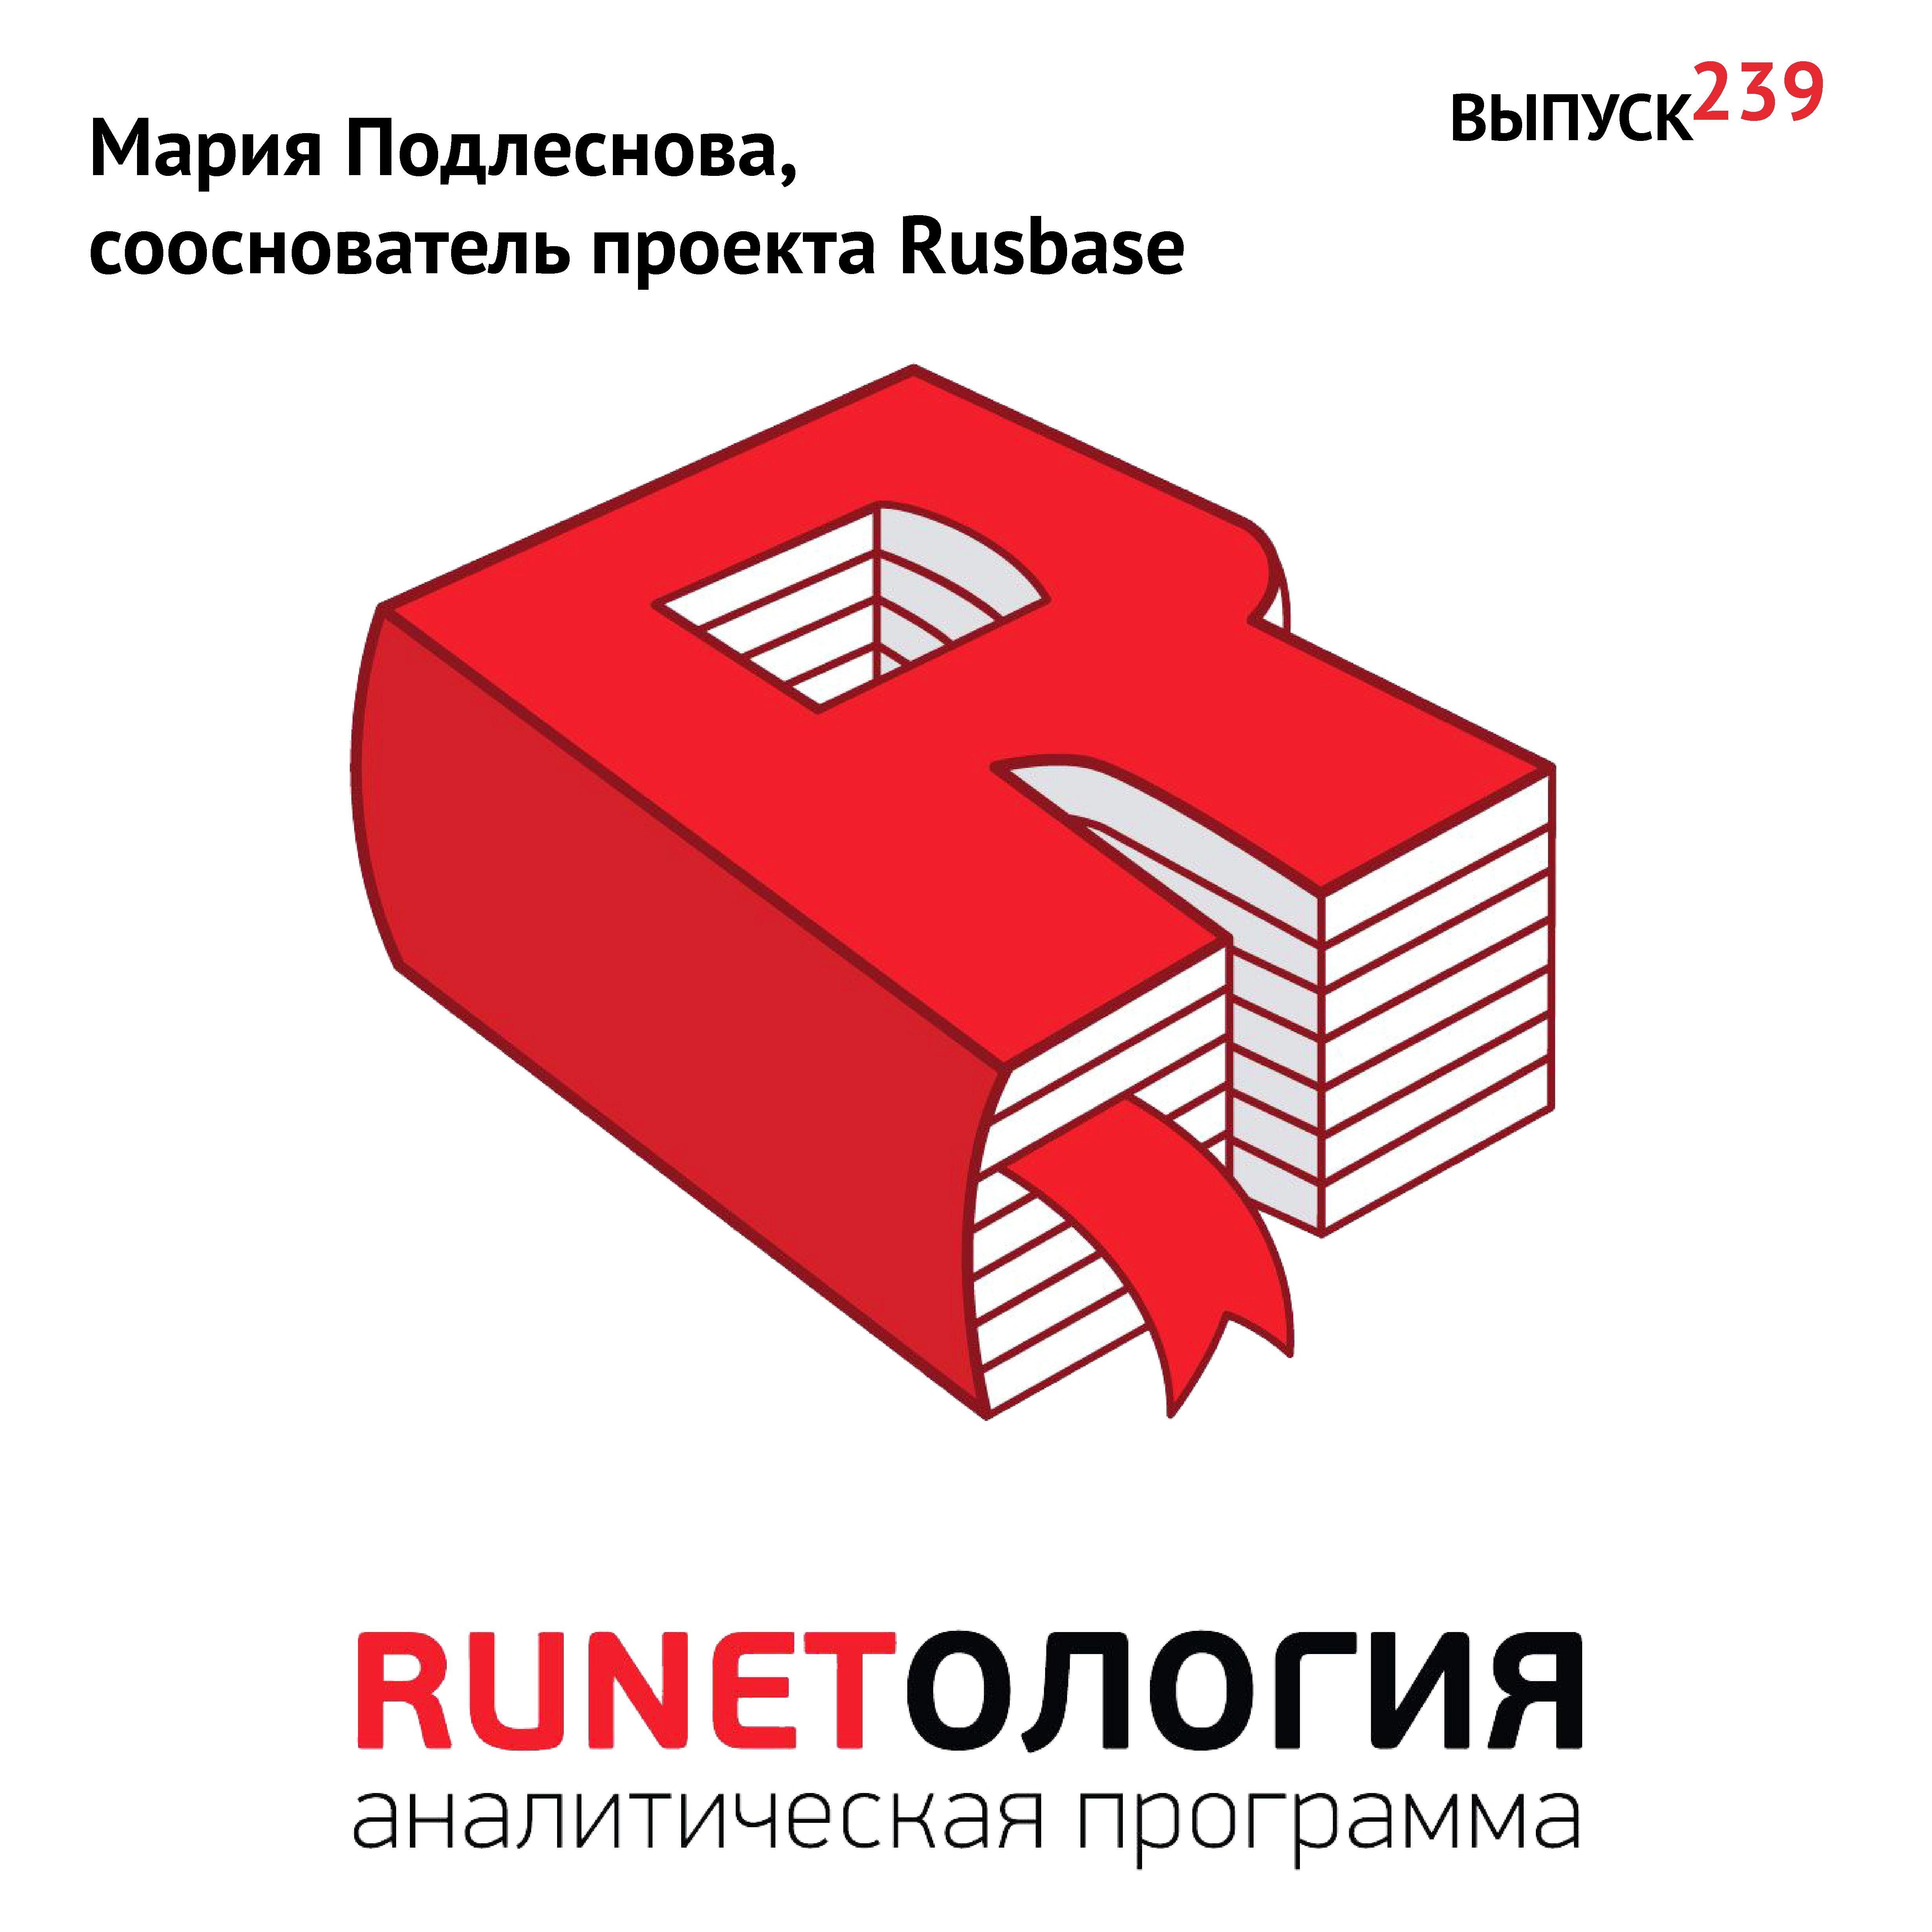 Максим Спиридонов Мария Подлеснова, сооснователь проекта Rusbase максим спиридонов олег савцов сооснователь biglion